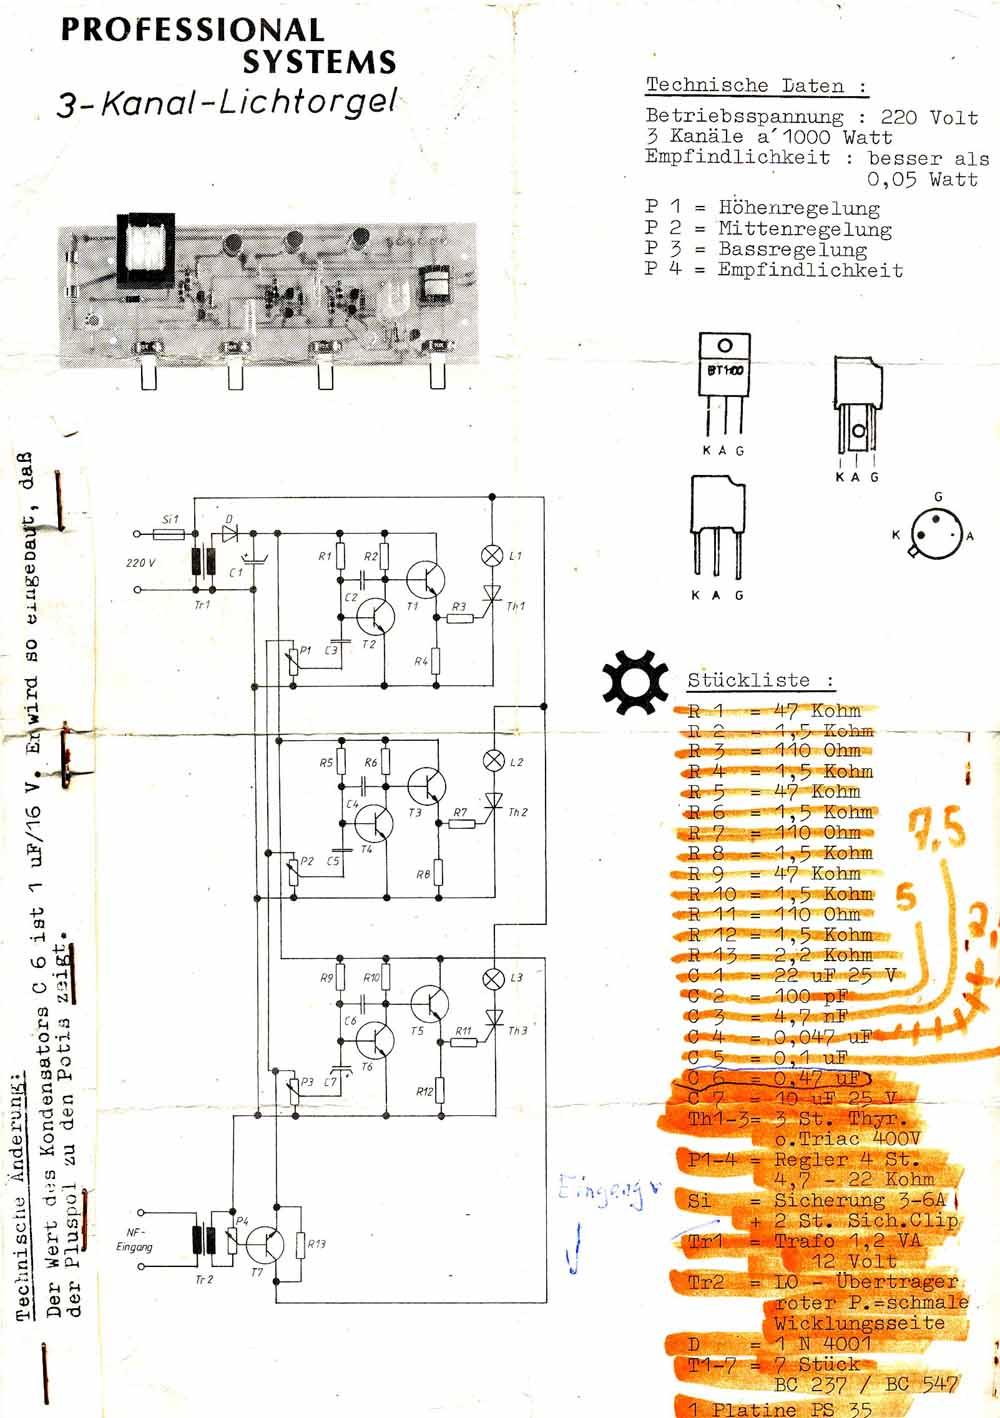 Kanal steuerung lpt - Ersatzteile und Reparatur Suche